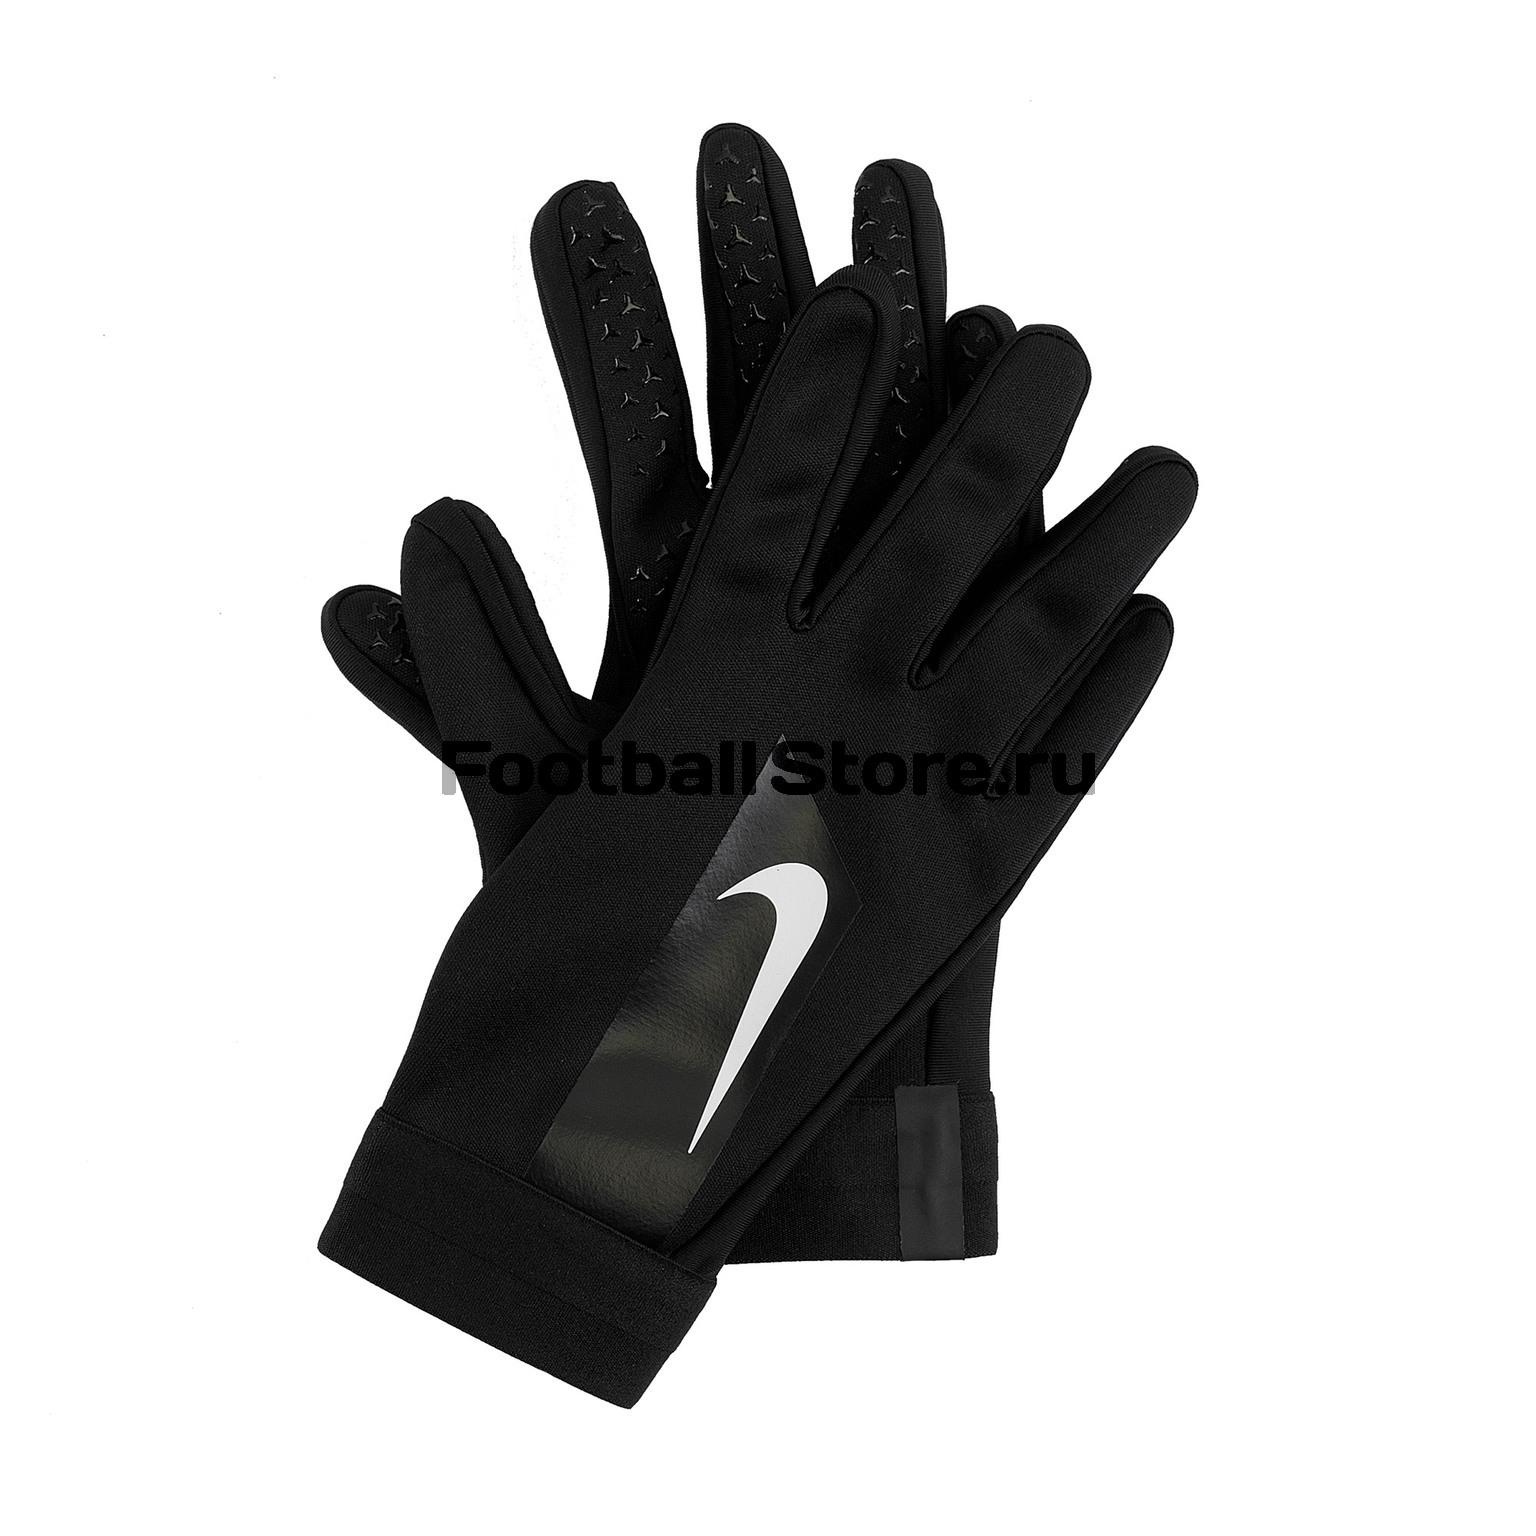 Перчатки тренировочные детские Nike Academy Hyperwarm GS0378-014